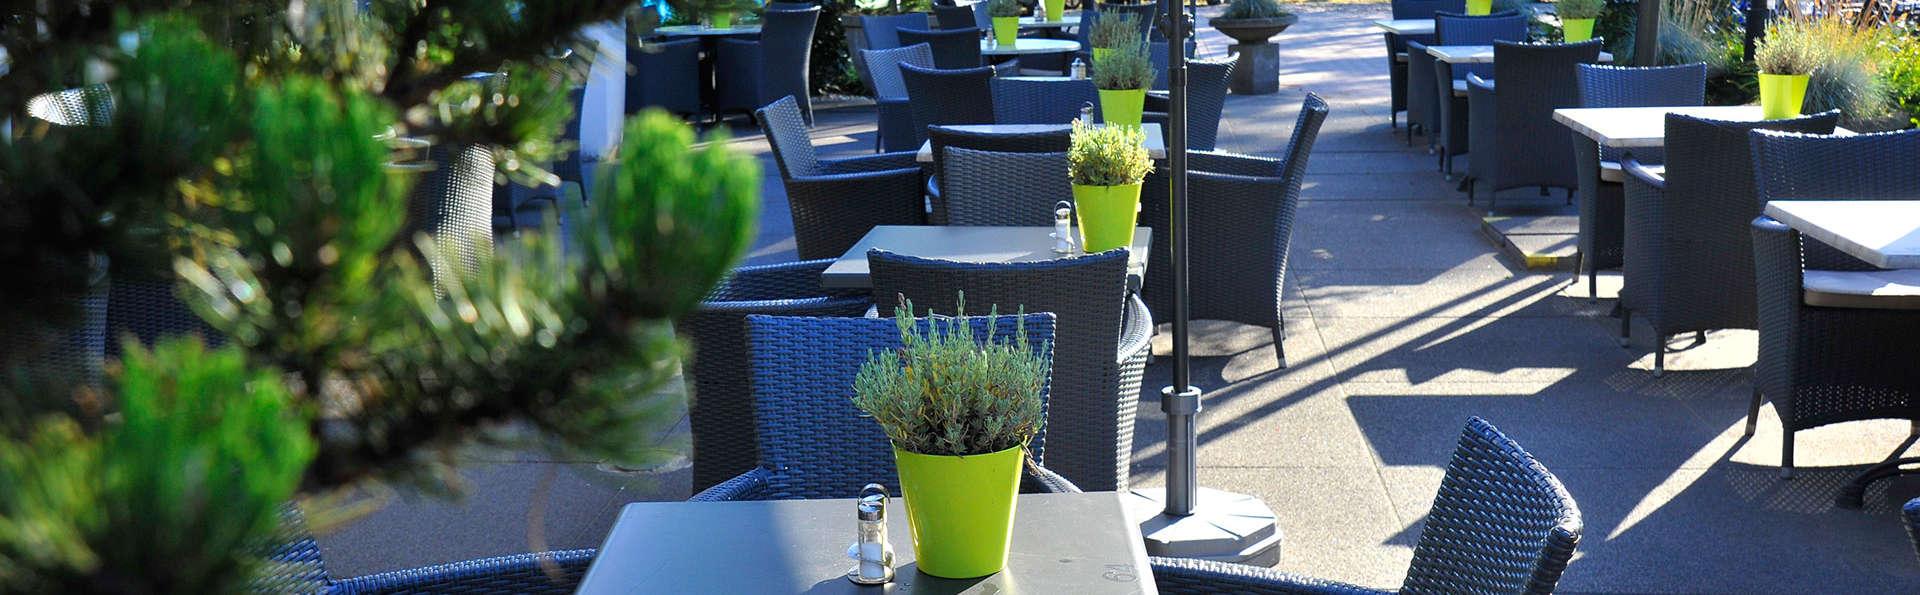 Fletcher Hotel-Restaurant Jagershorst-Eindhoven - EDIT_terrace2.jpg